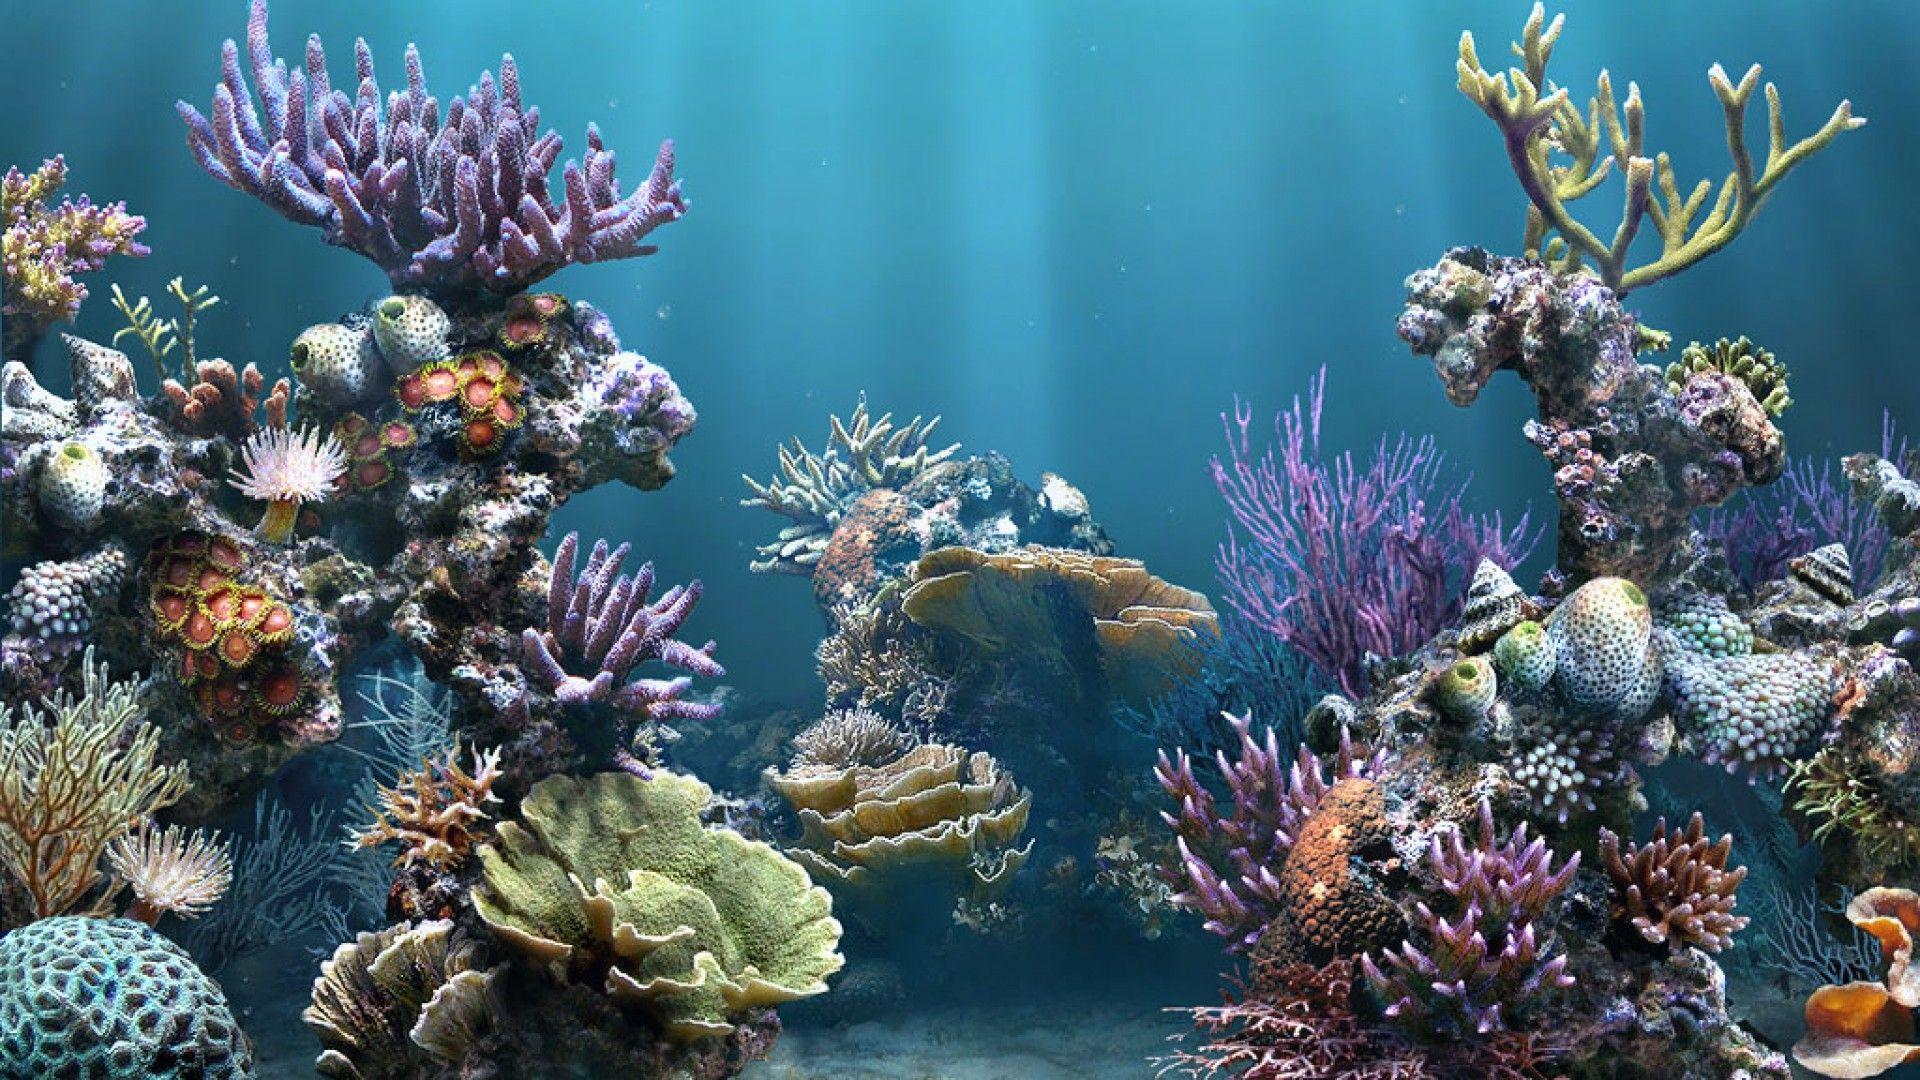 a2630dc58f89b368f164564db3acb6a8 Frais De Aquarium Tropical Schème